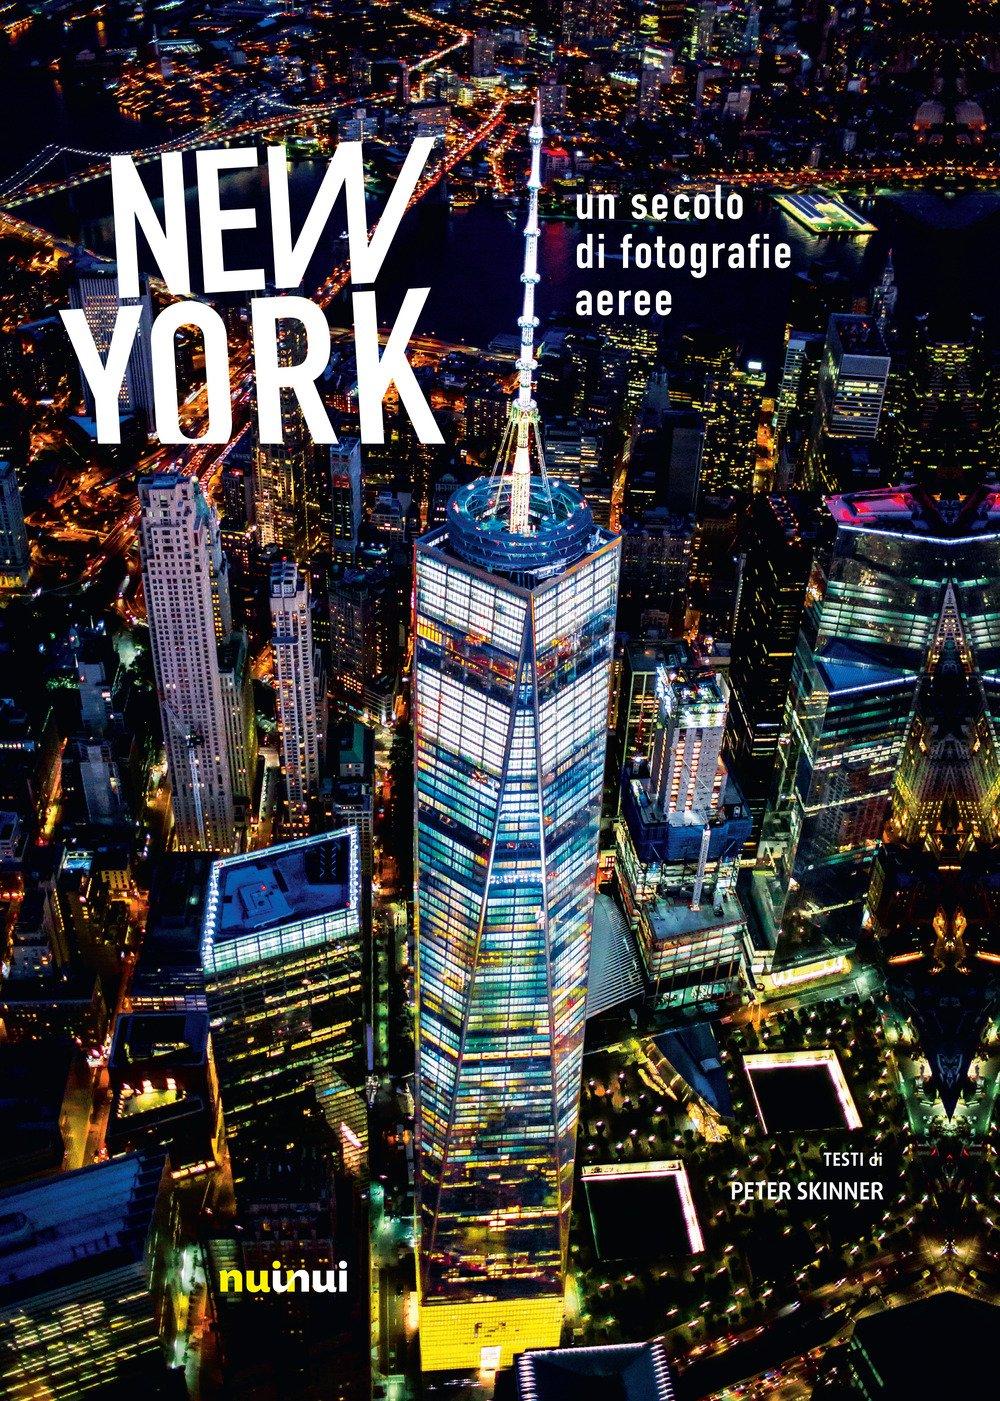 New York. Un secolo di fotografie aeree. Ediz. illustrata Copertina rigida – 9 ott 2018 Peter Skinner E. Lavagno Nuinui 2889352463